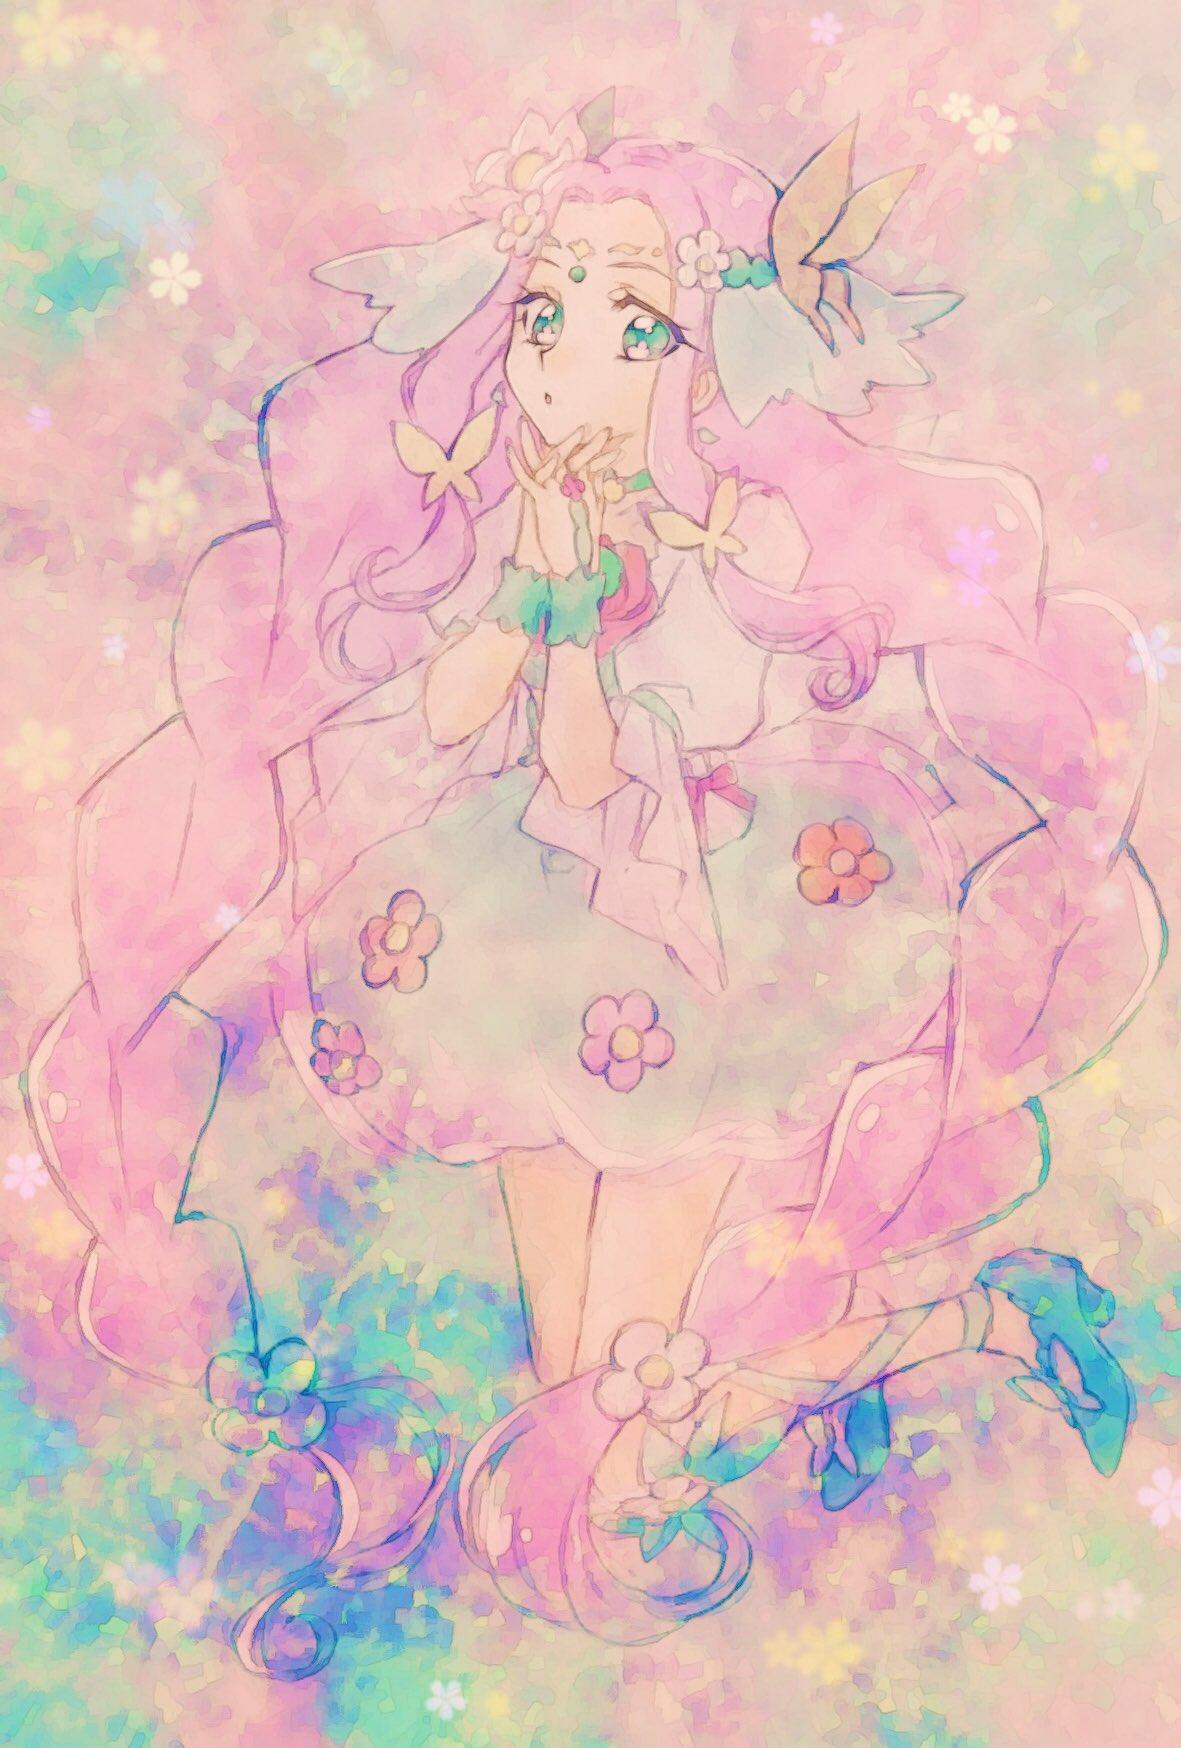 愛禅 (@aizen_kagura)さんのイラスト